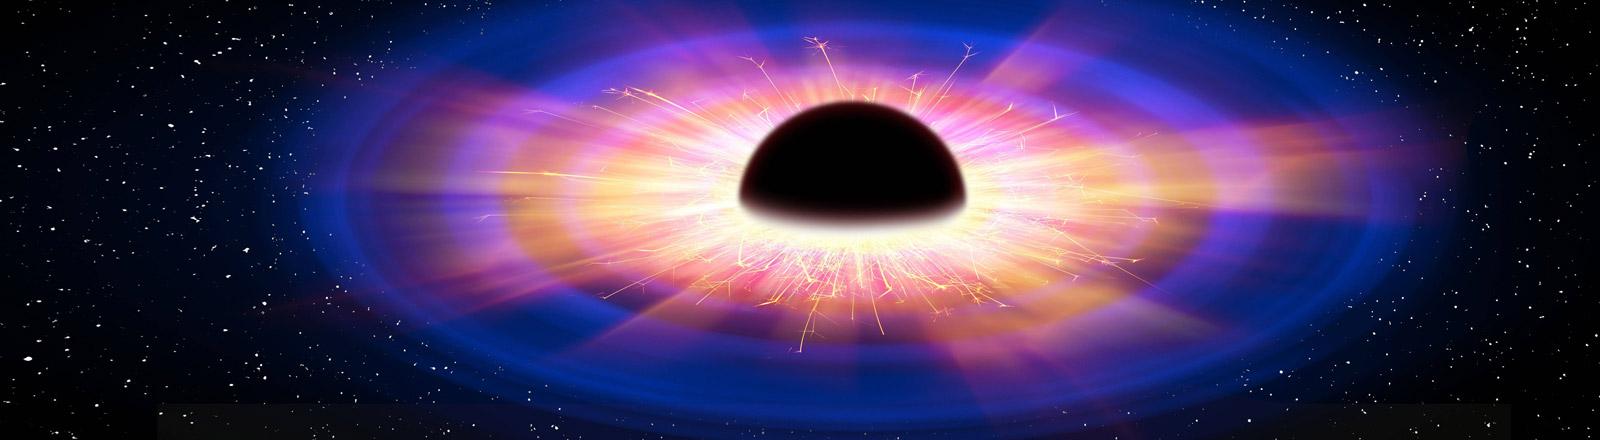 Grafische Darstellung eines Schwarzen Lochs